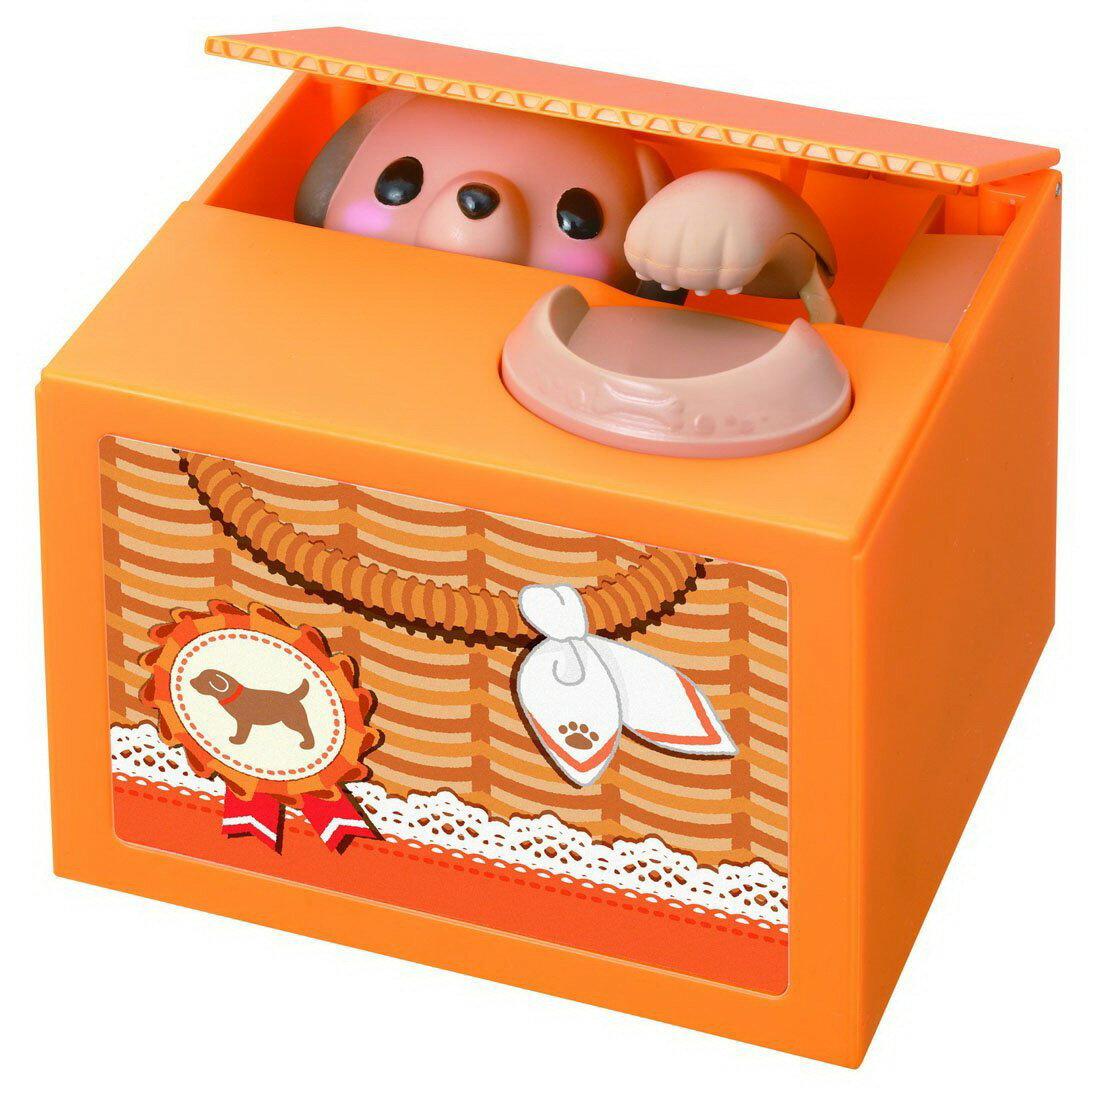 『おへんじBANK たれみみ子犬 茶 (オレンジ) 』(割引不可)貯金箱 玩具 おもちゃ いたずらバンク こいぬ 声を掛ける『おへんじBANK たれみみ子犬 茶 (オレンジ) 』